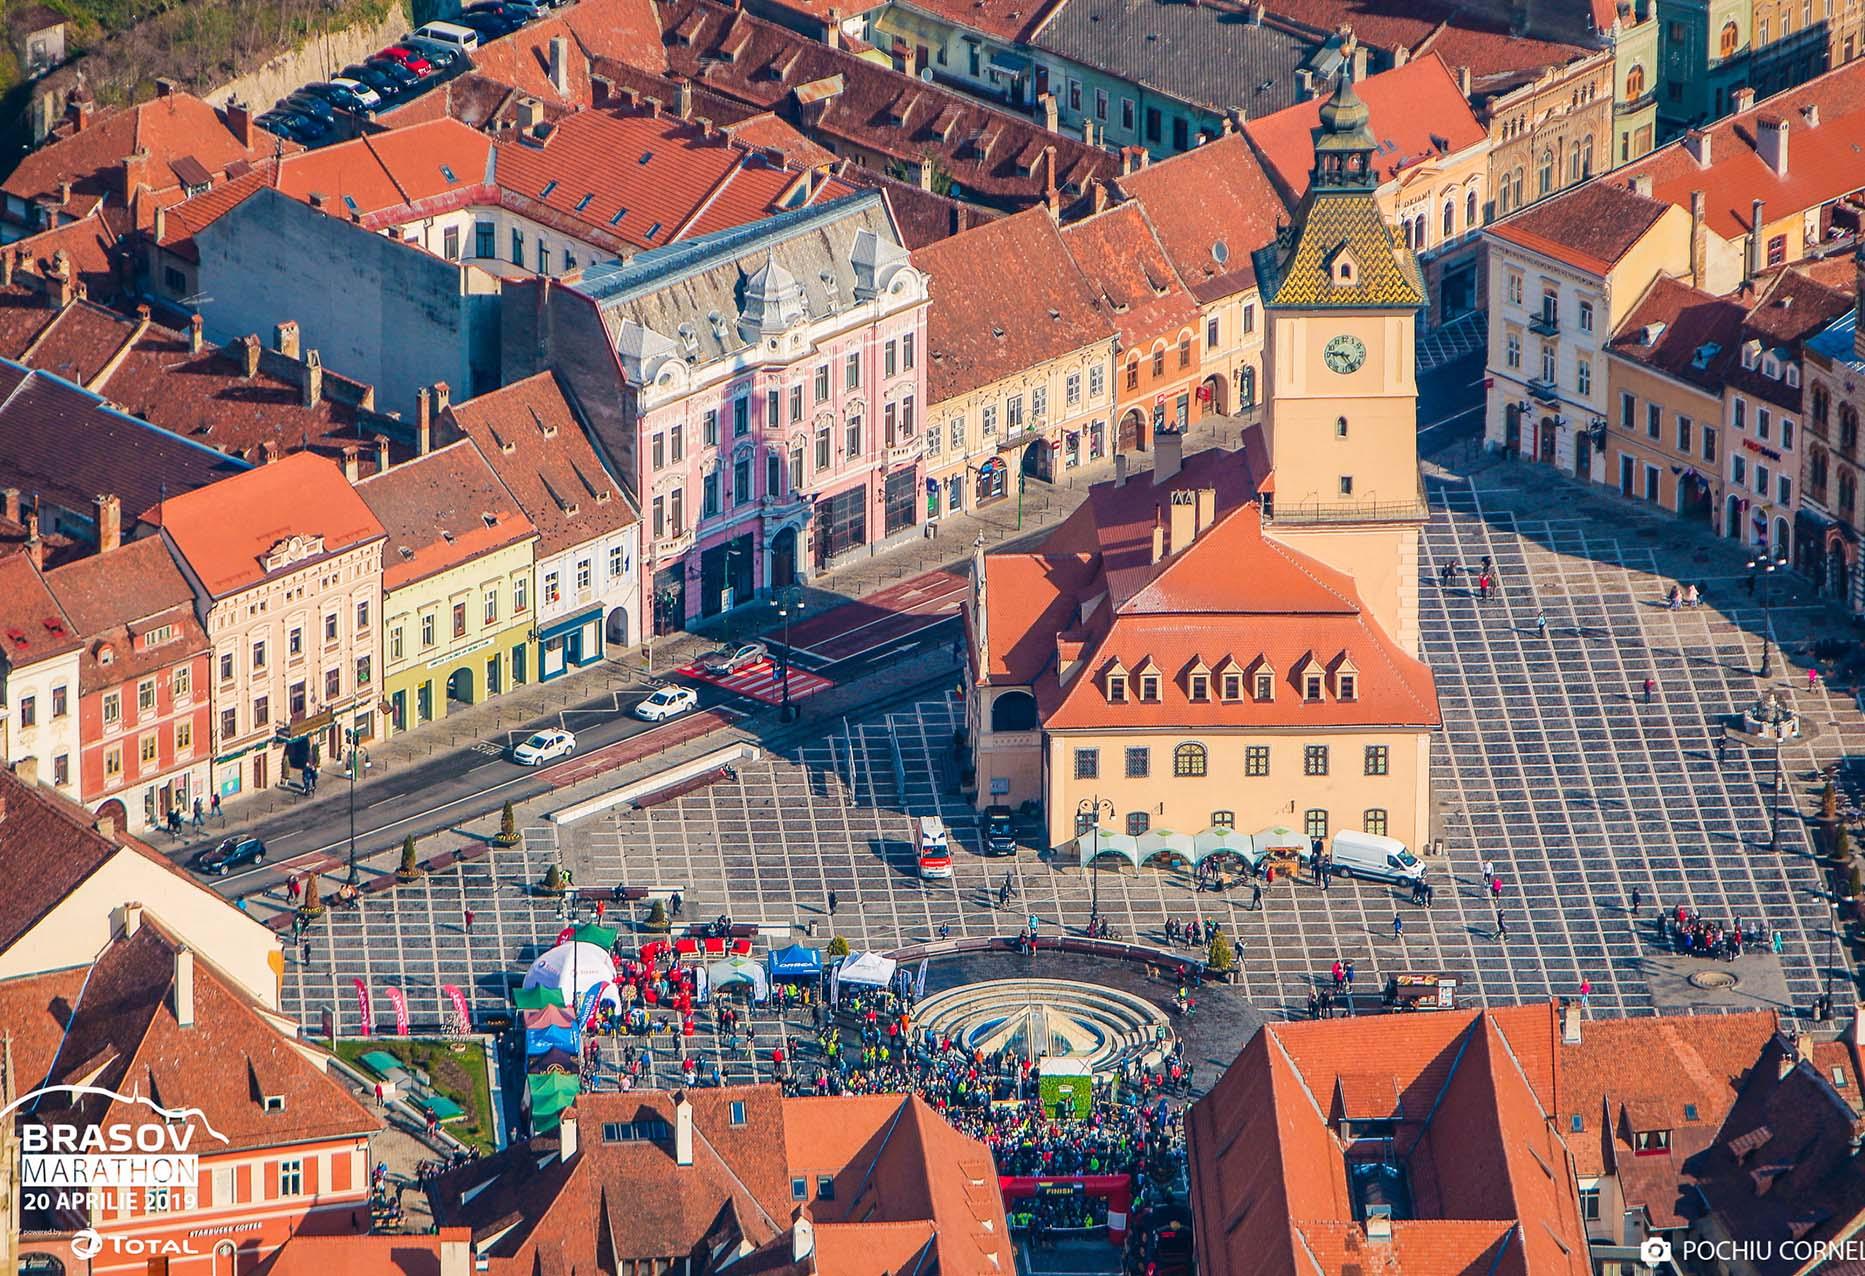 Fotografie eveniment - Brașov Marathon - Piața Sfatului